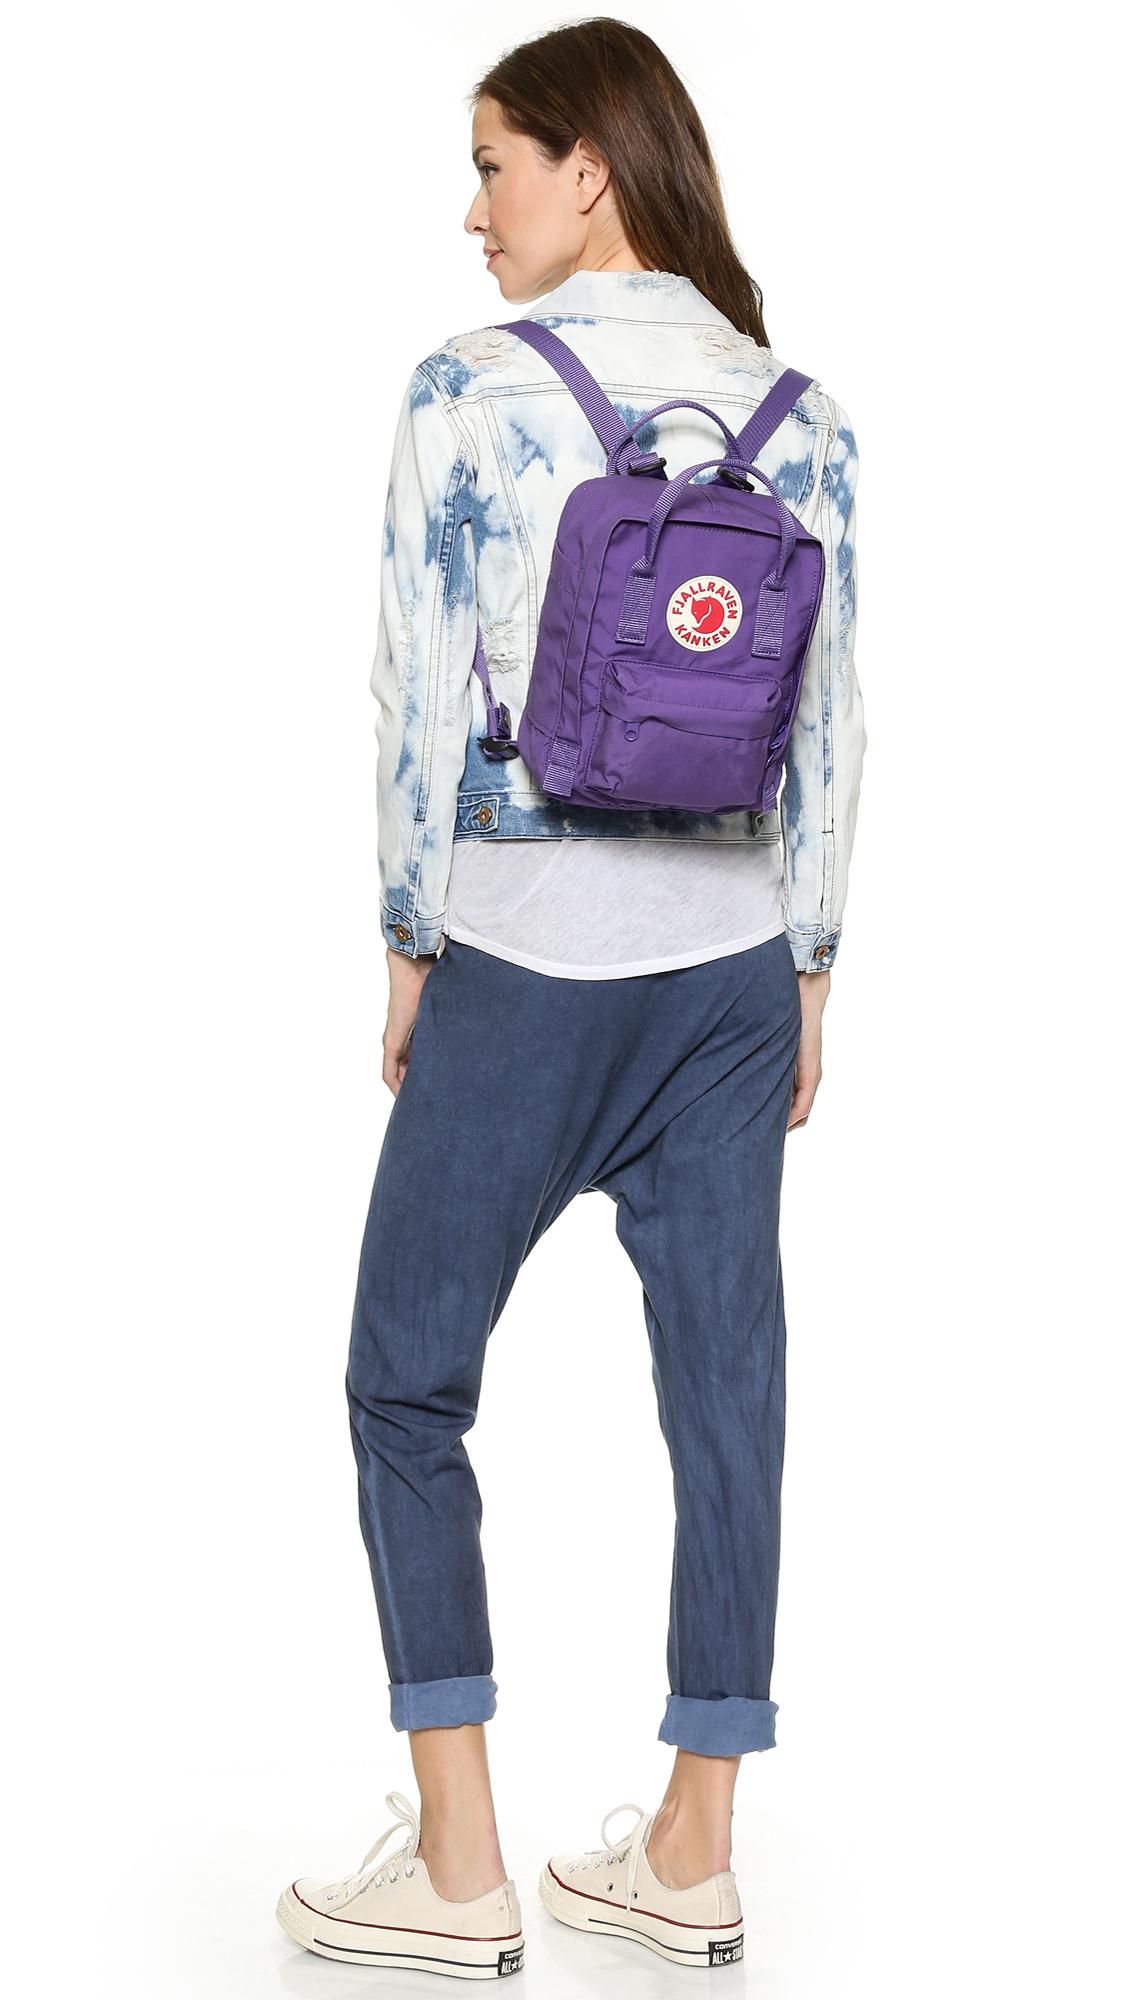 fjallraven kanken mini backpack purple in purple lyst. Black Bedroom Furniture Sets. Home Design Ideas